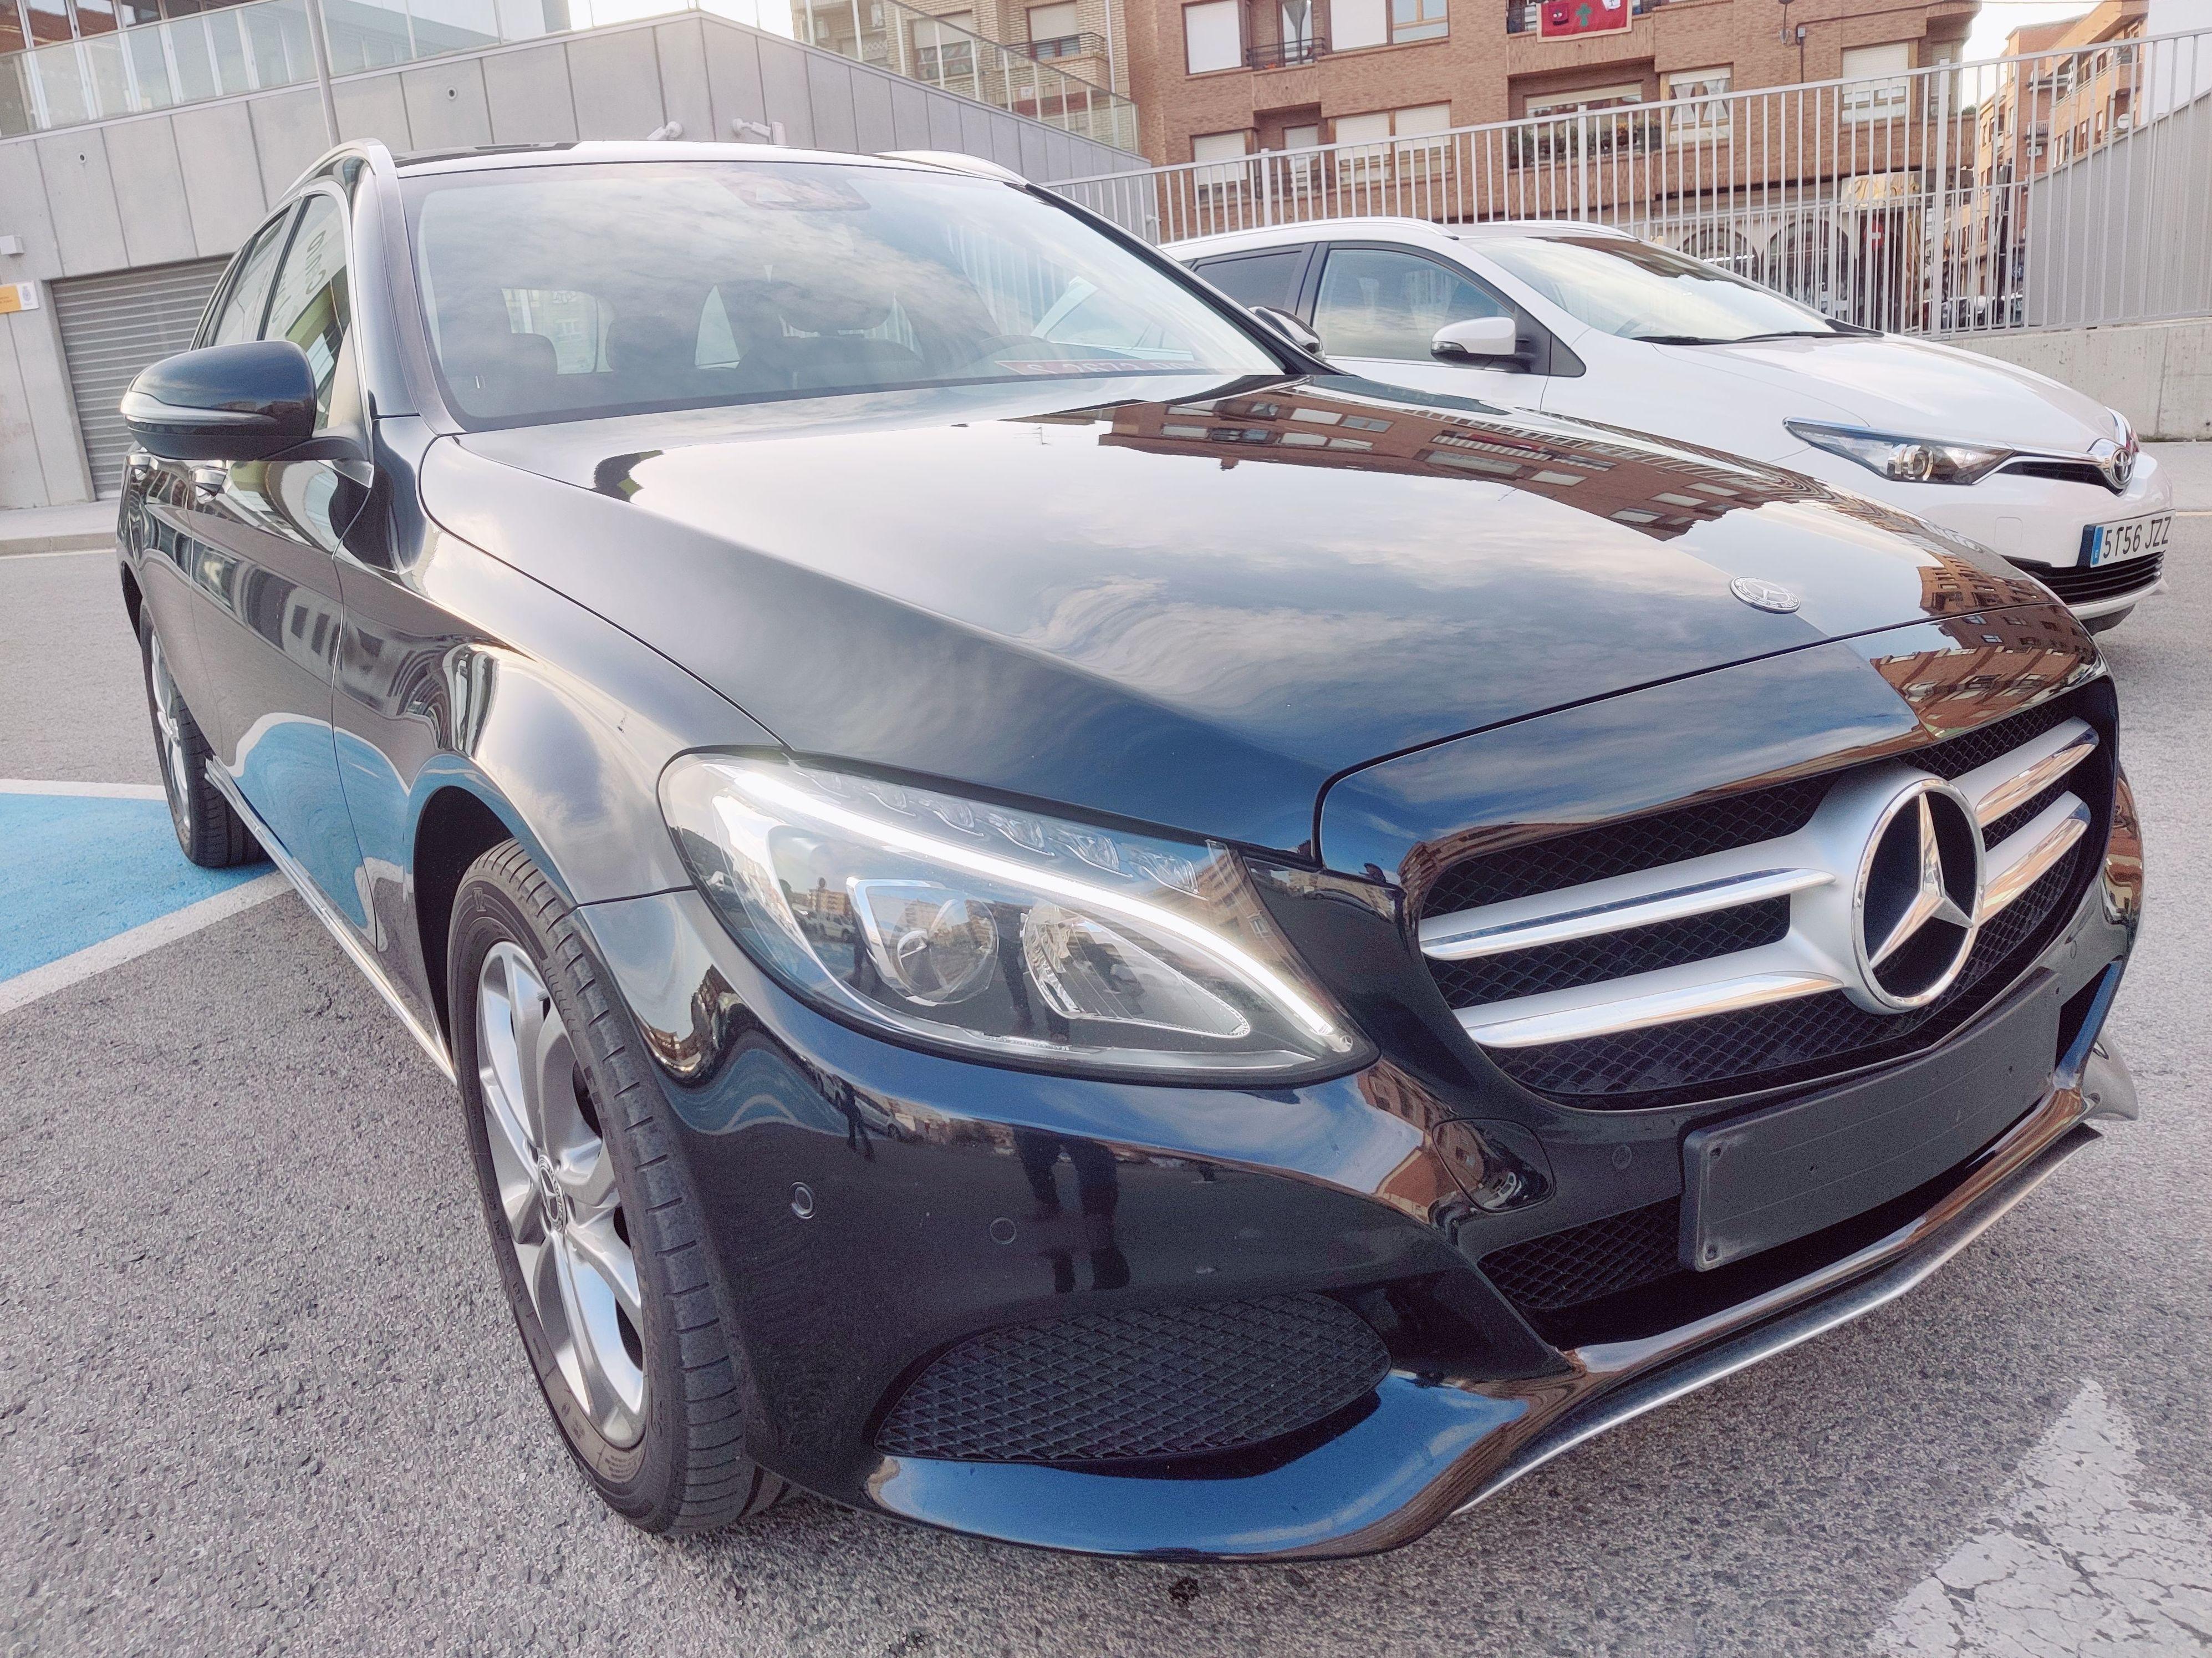 MERCEDES-BENZ Clase C Estate 220d 170 CV BLUETEC:  de Autojavier